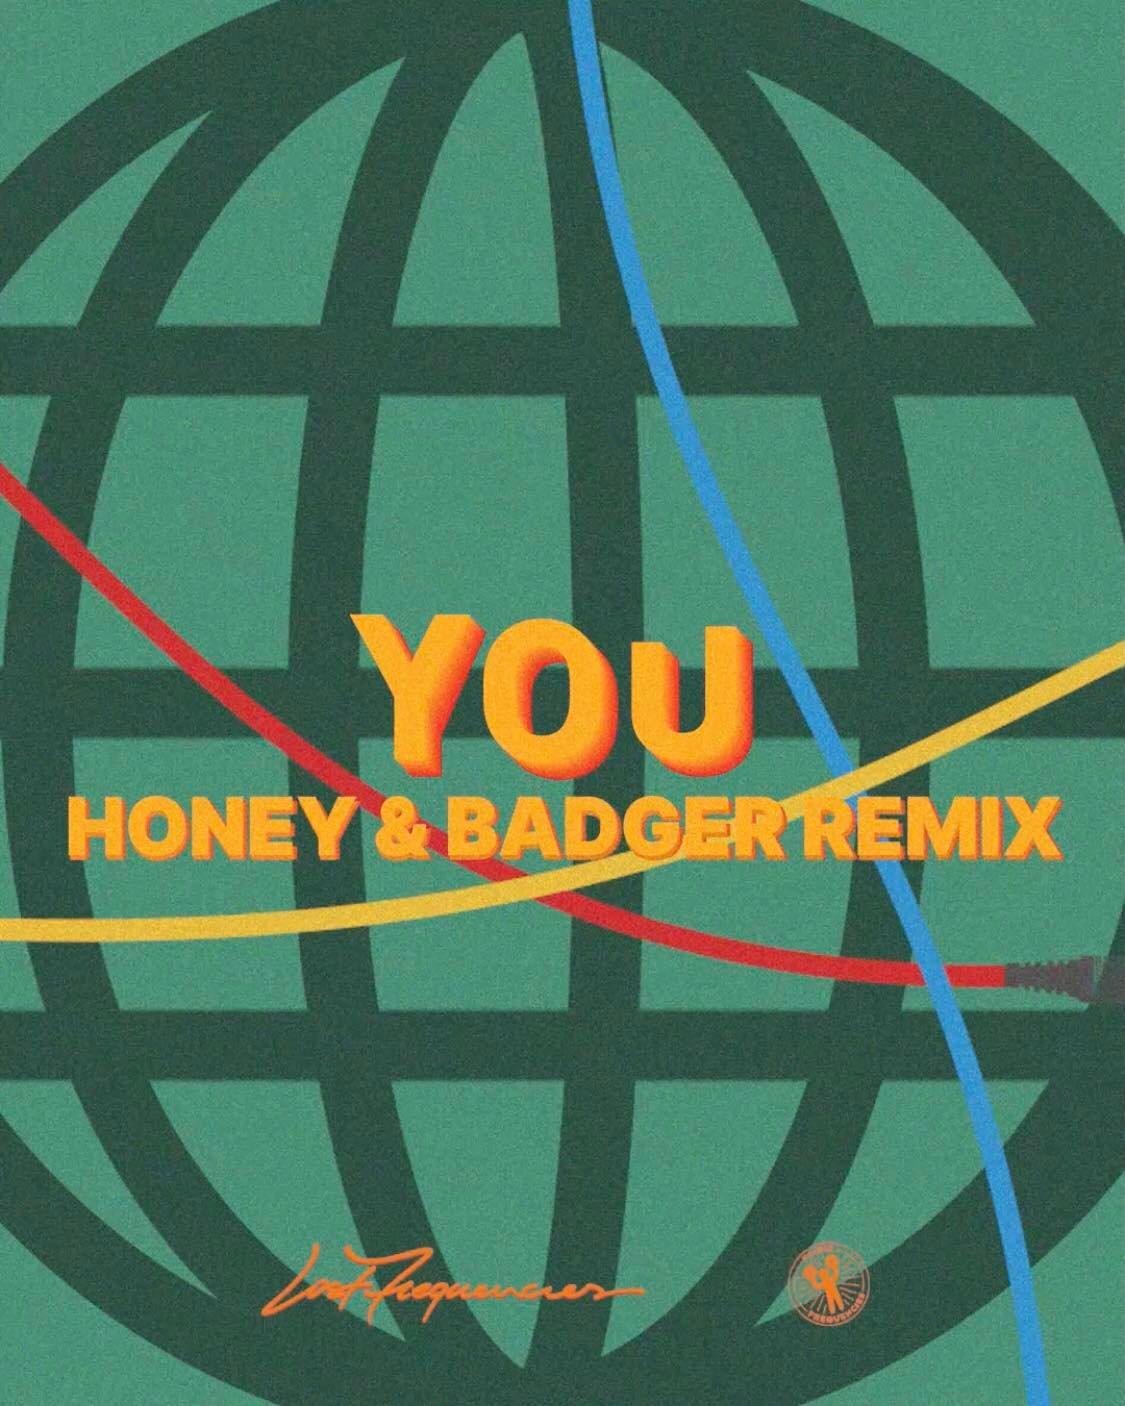 Honey & Badger